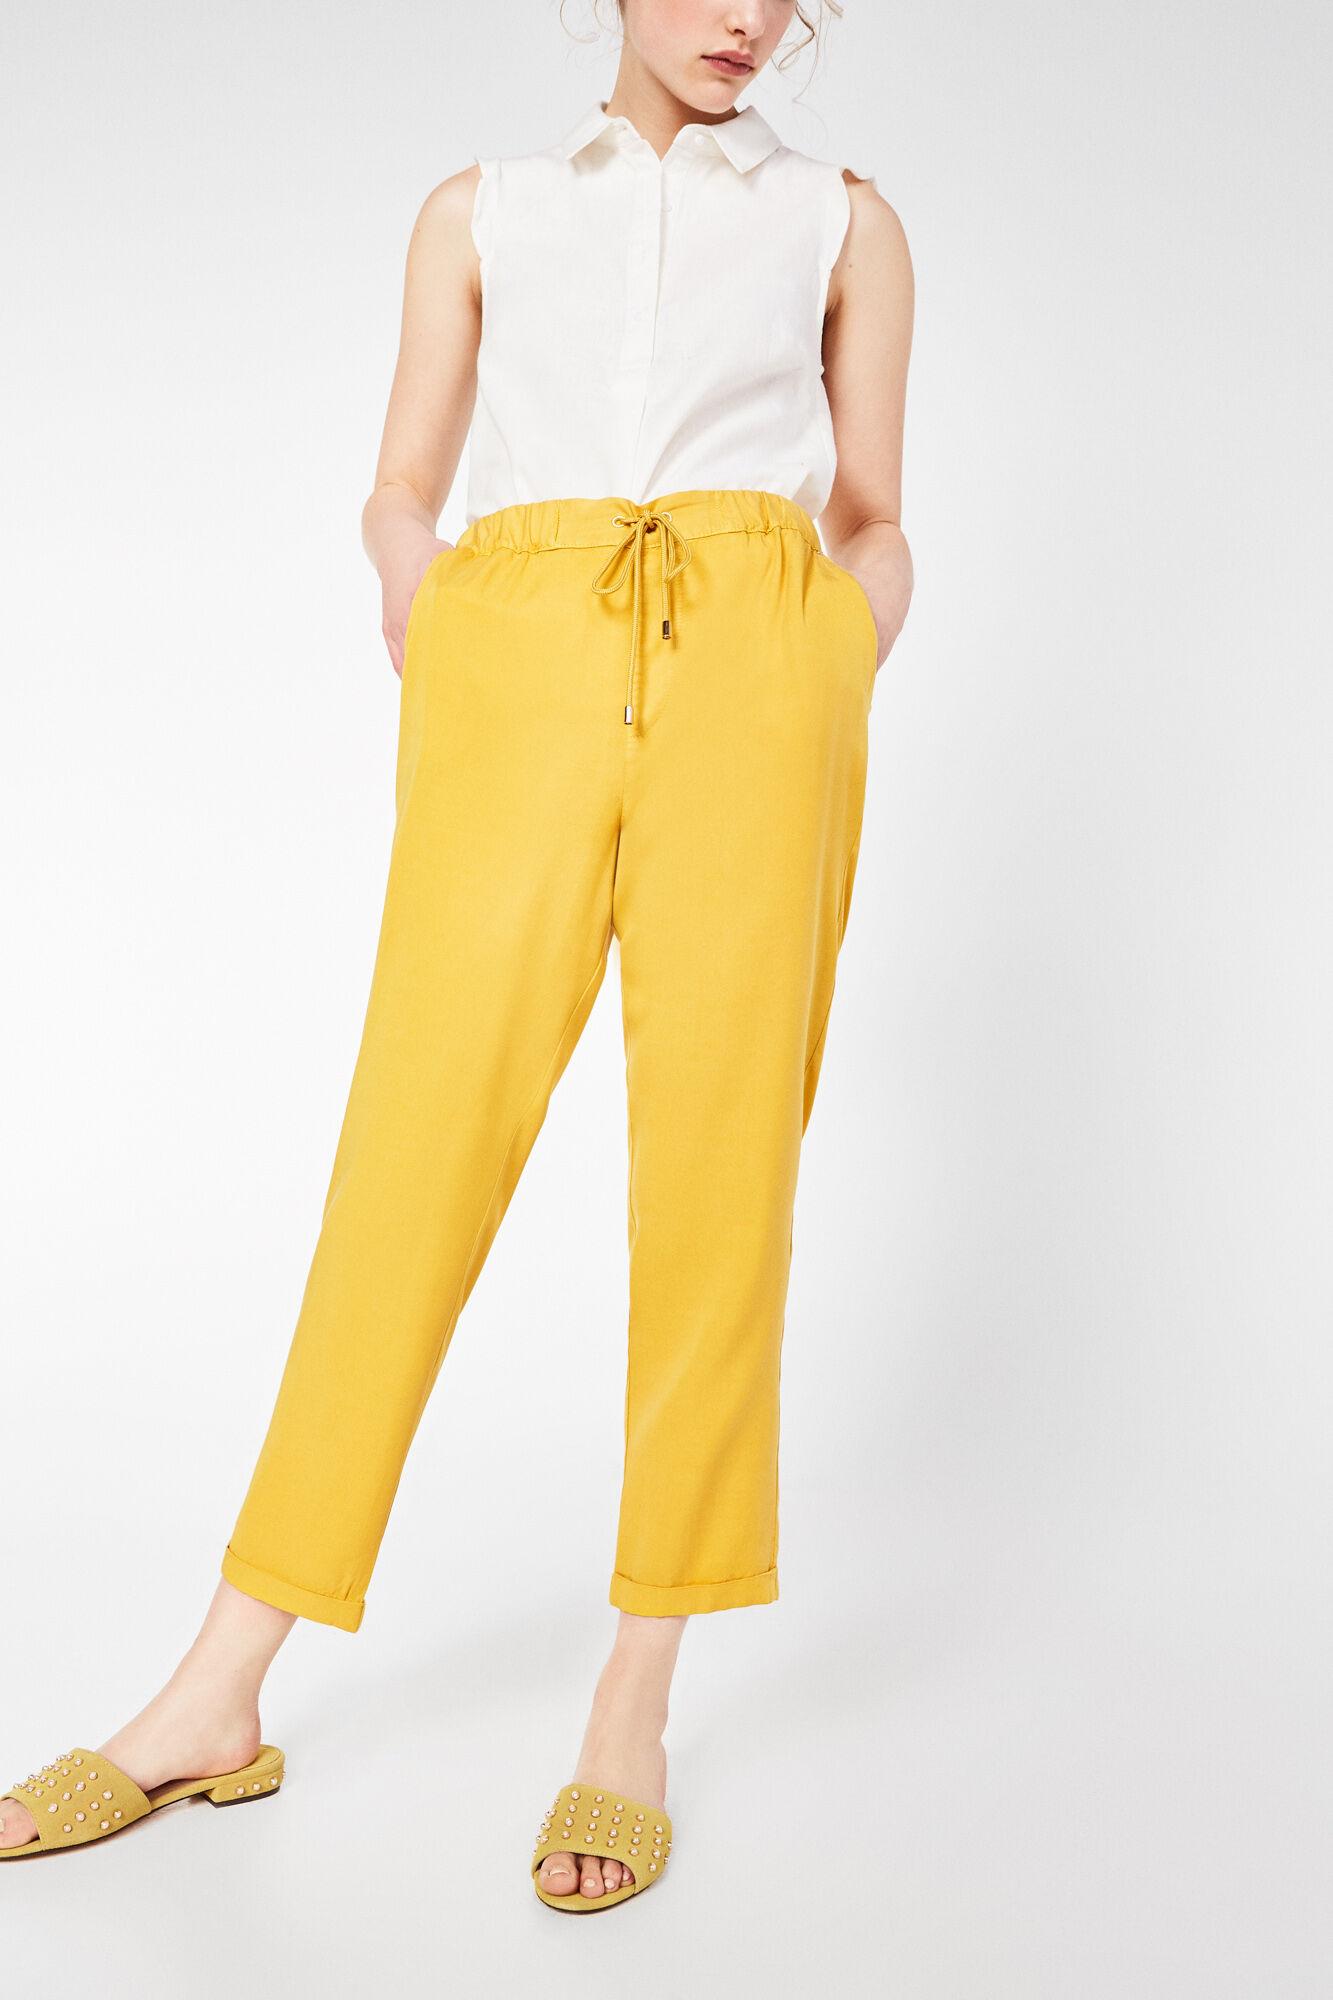 Relax color Jeans   Jeans   Cortefiel d54b74d67b